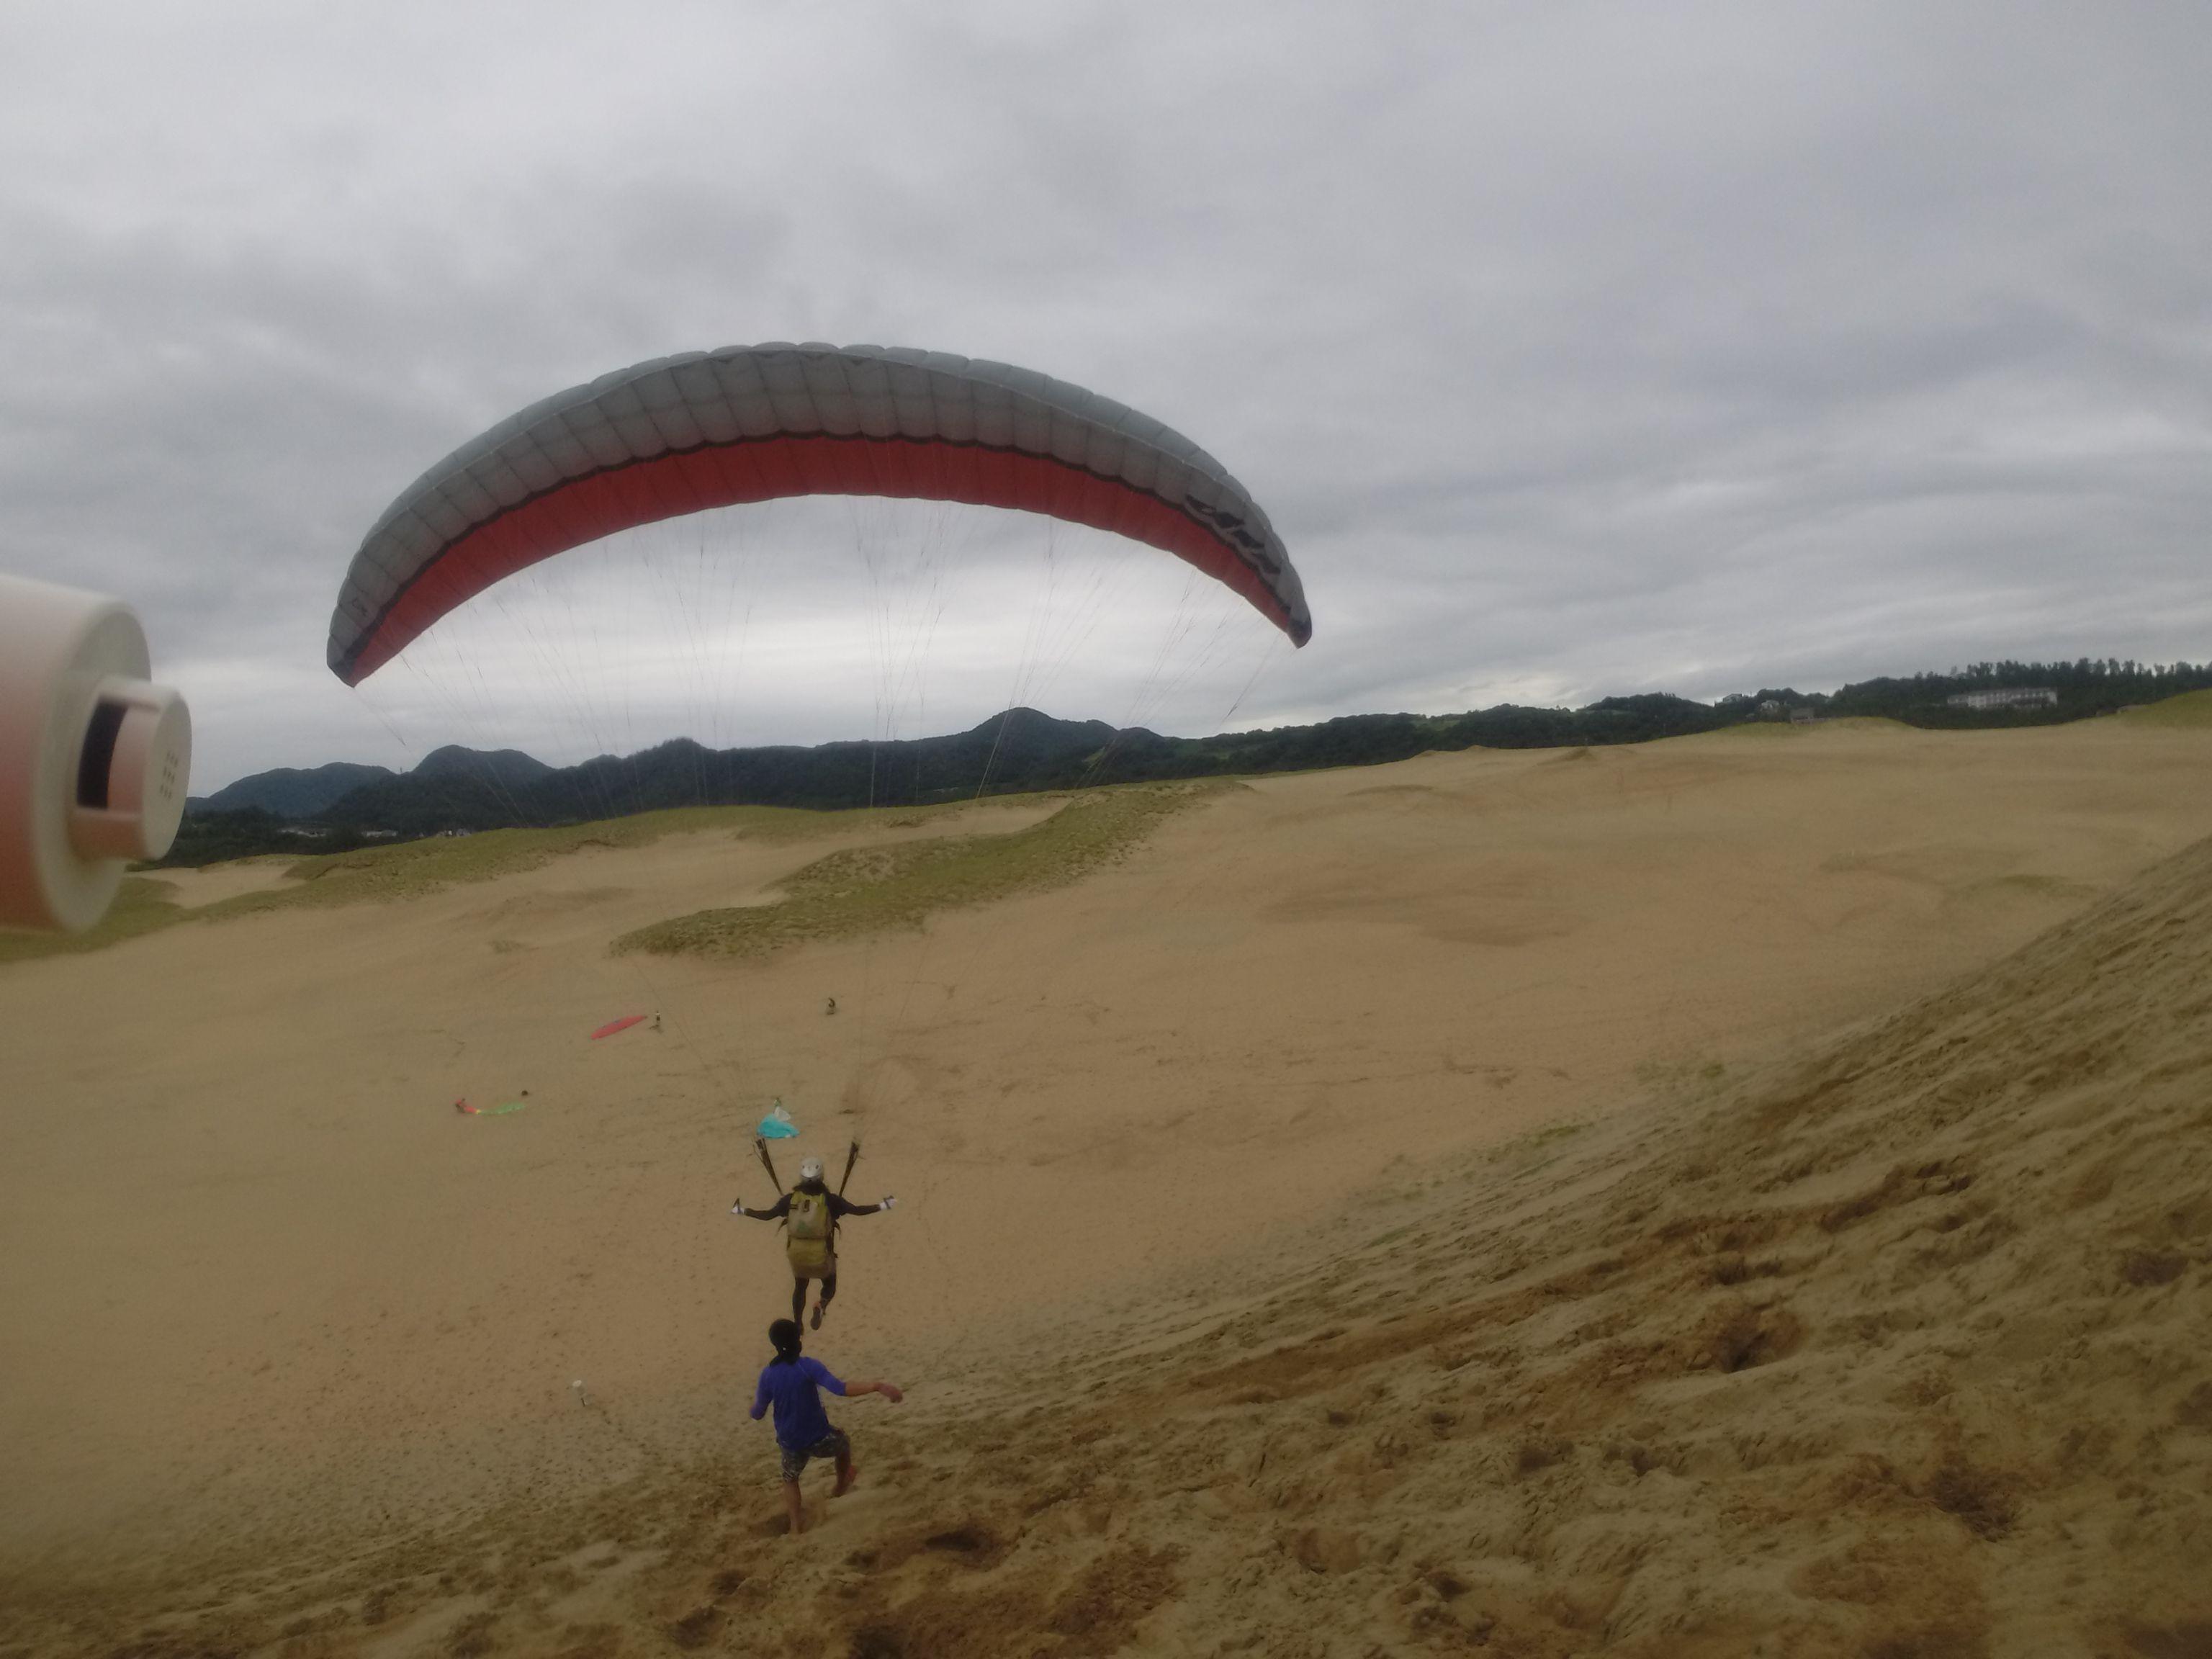 風は弱いものの、落差を利用してビッグな飛びを